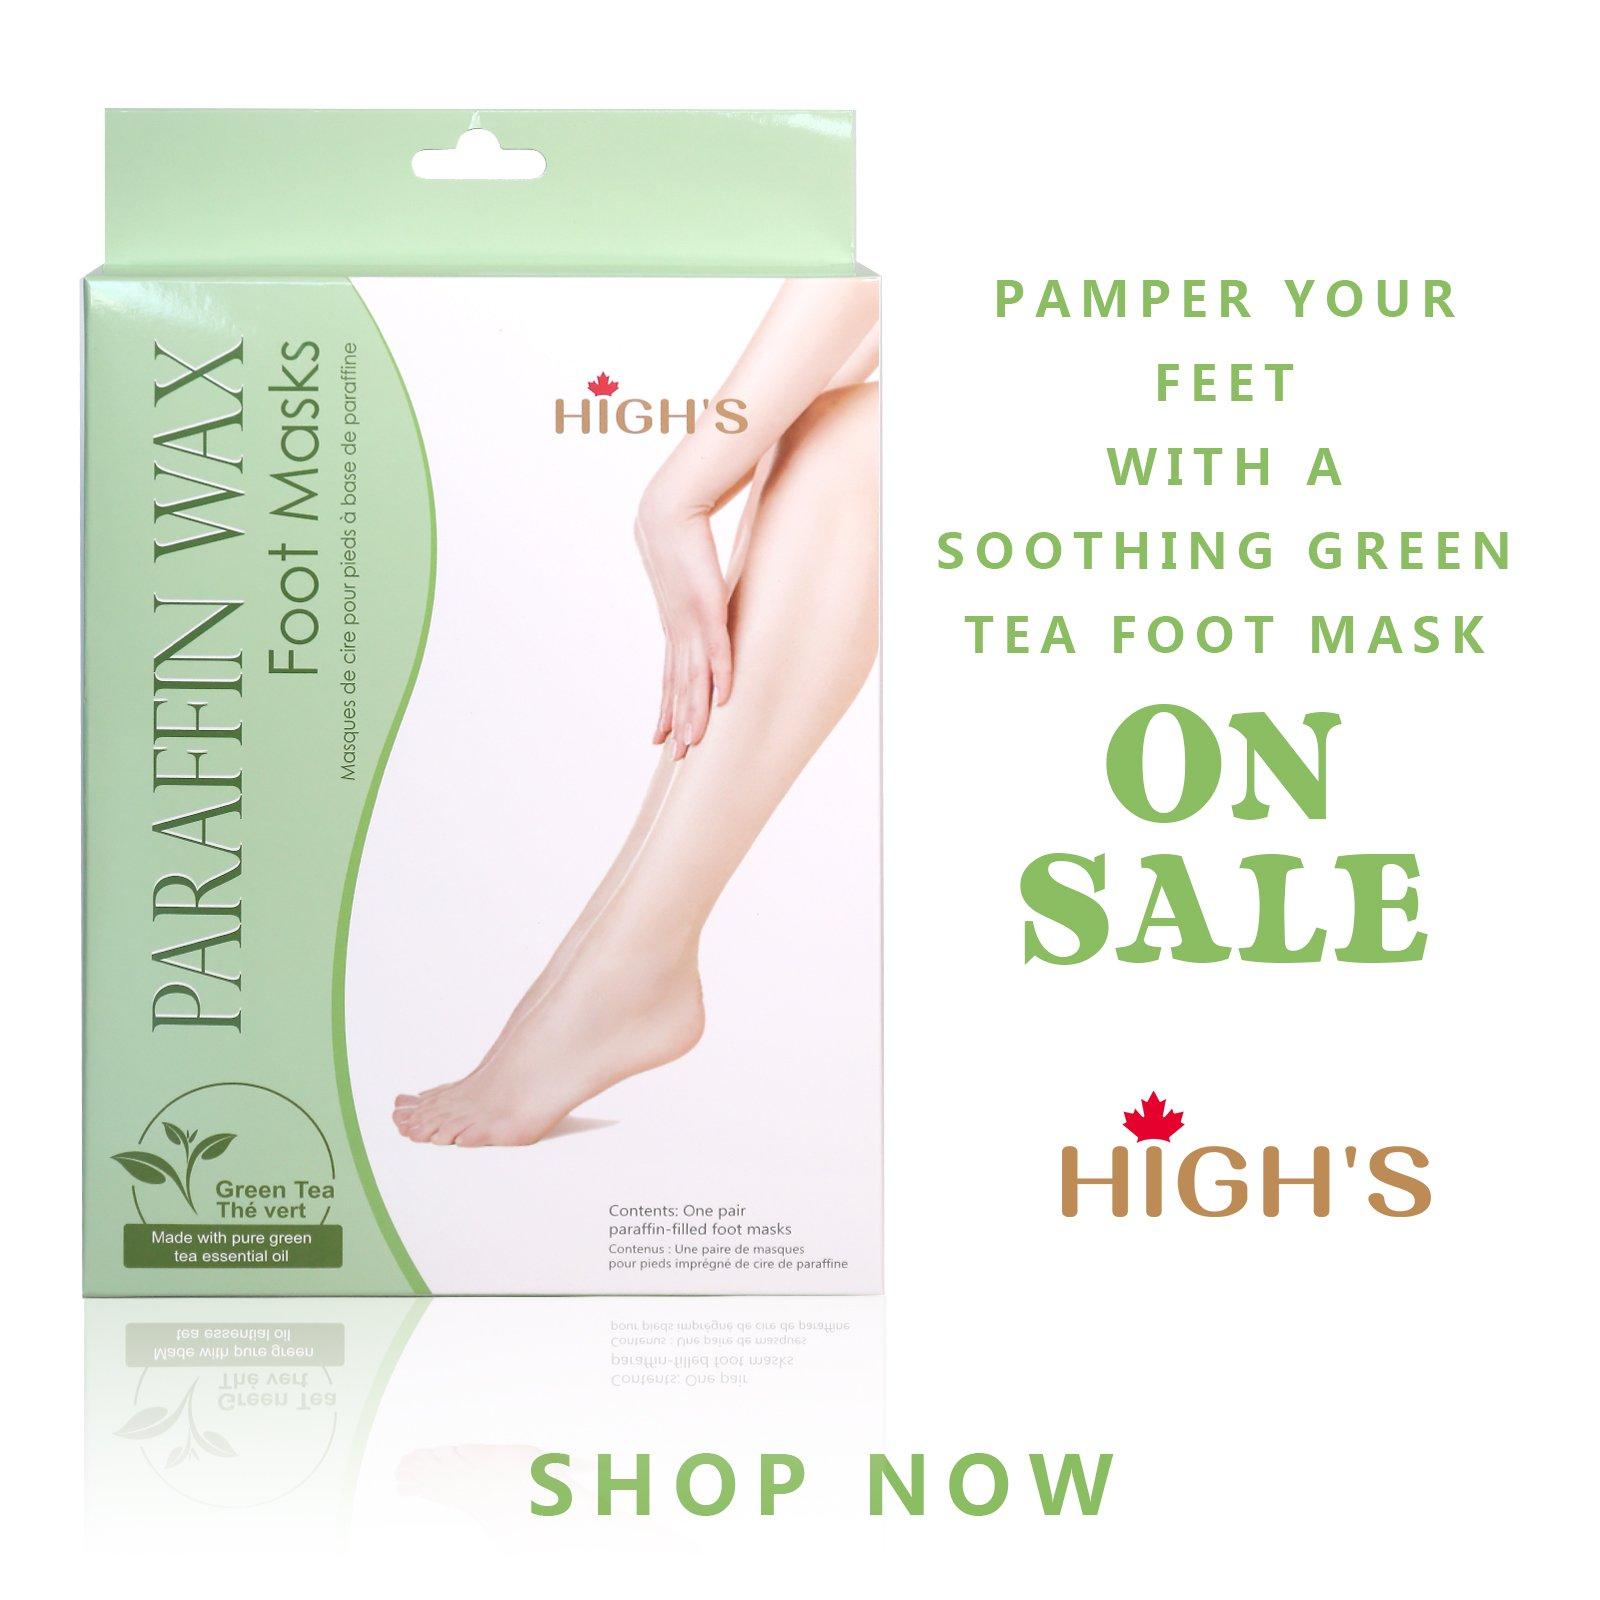 Paraffin helps moisturize the skin 10